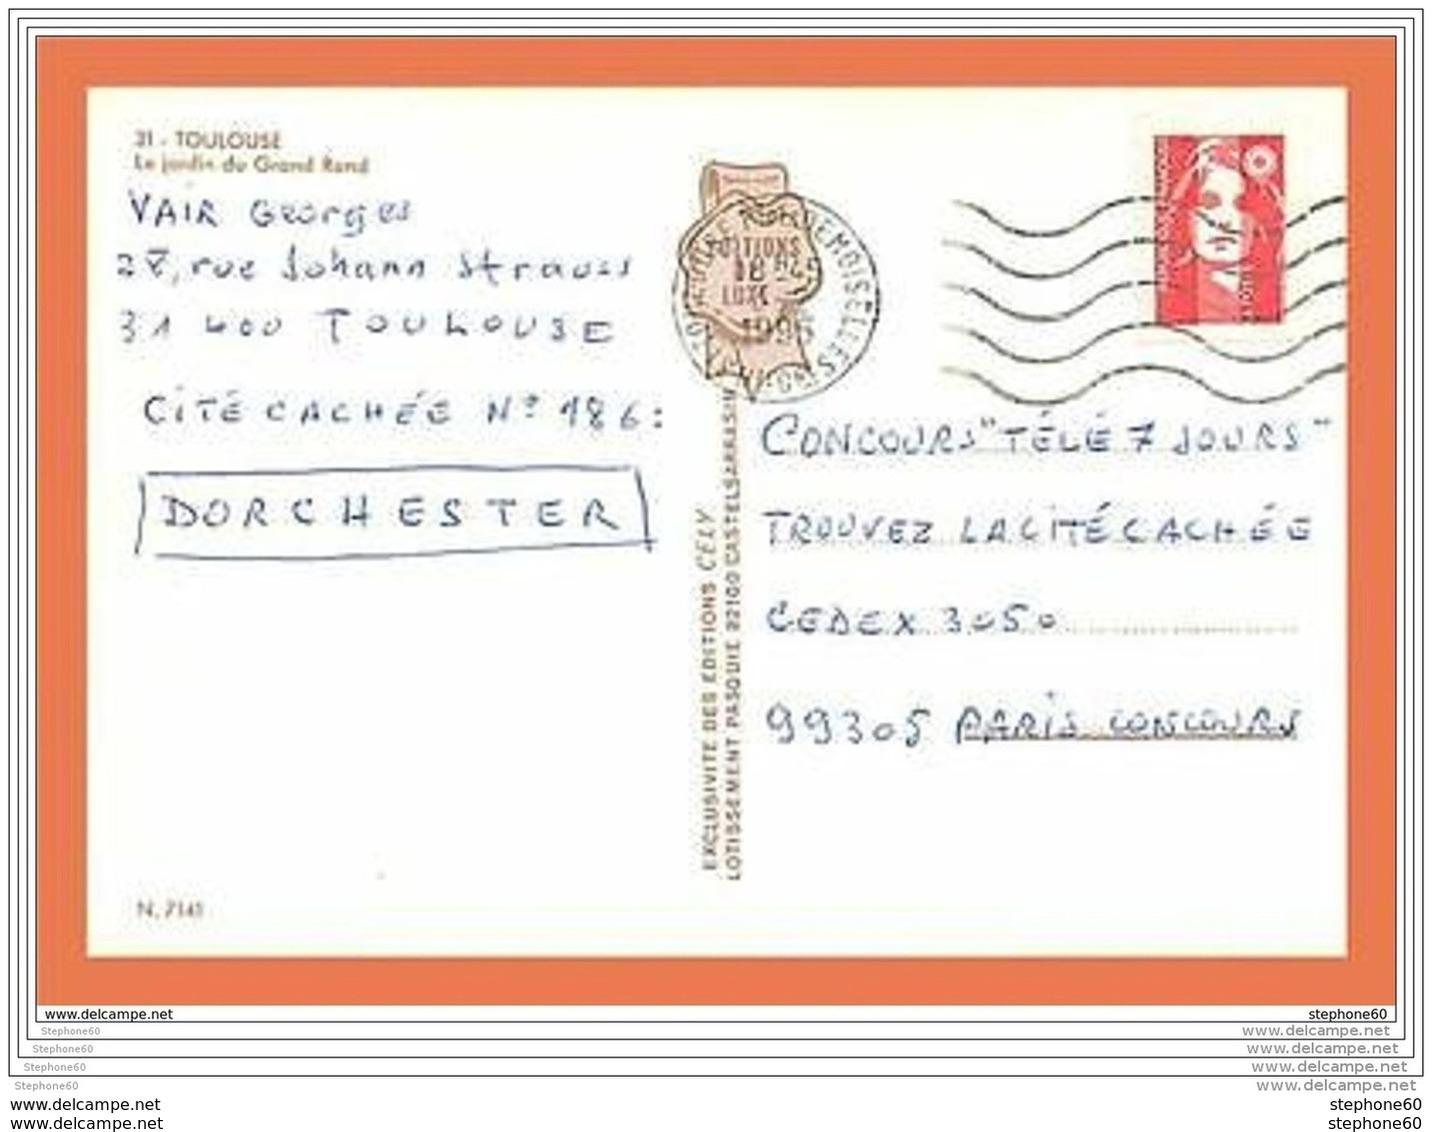 A431/213 31 - TOULOUSE Multivues - France